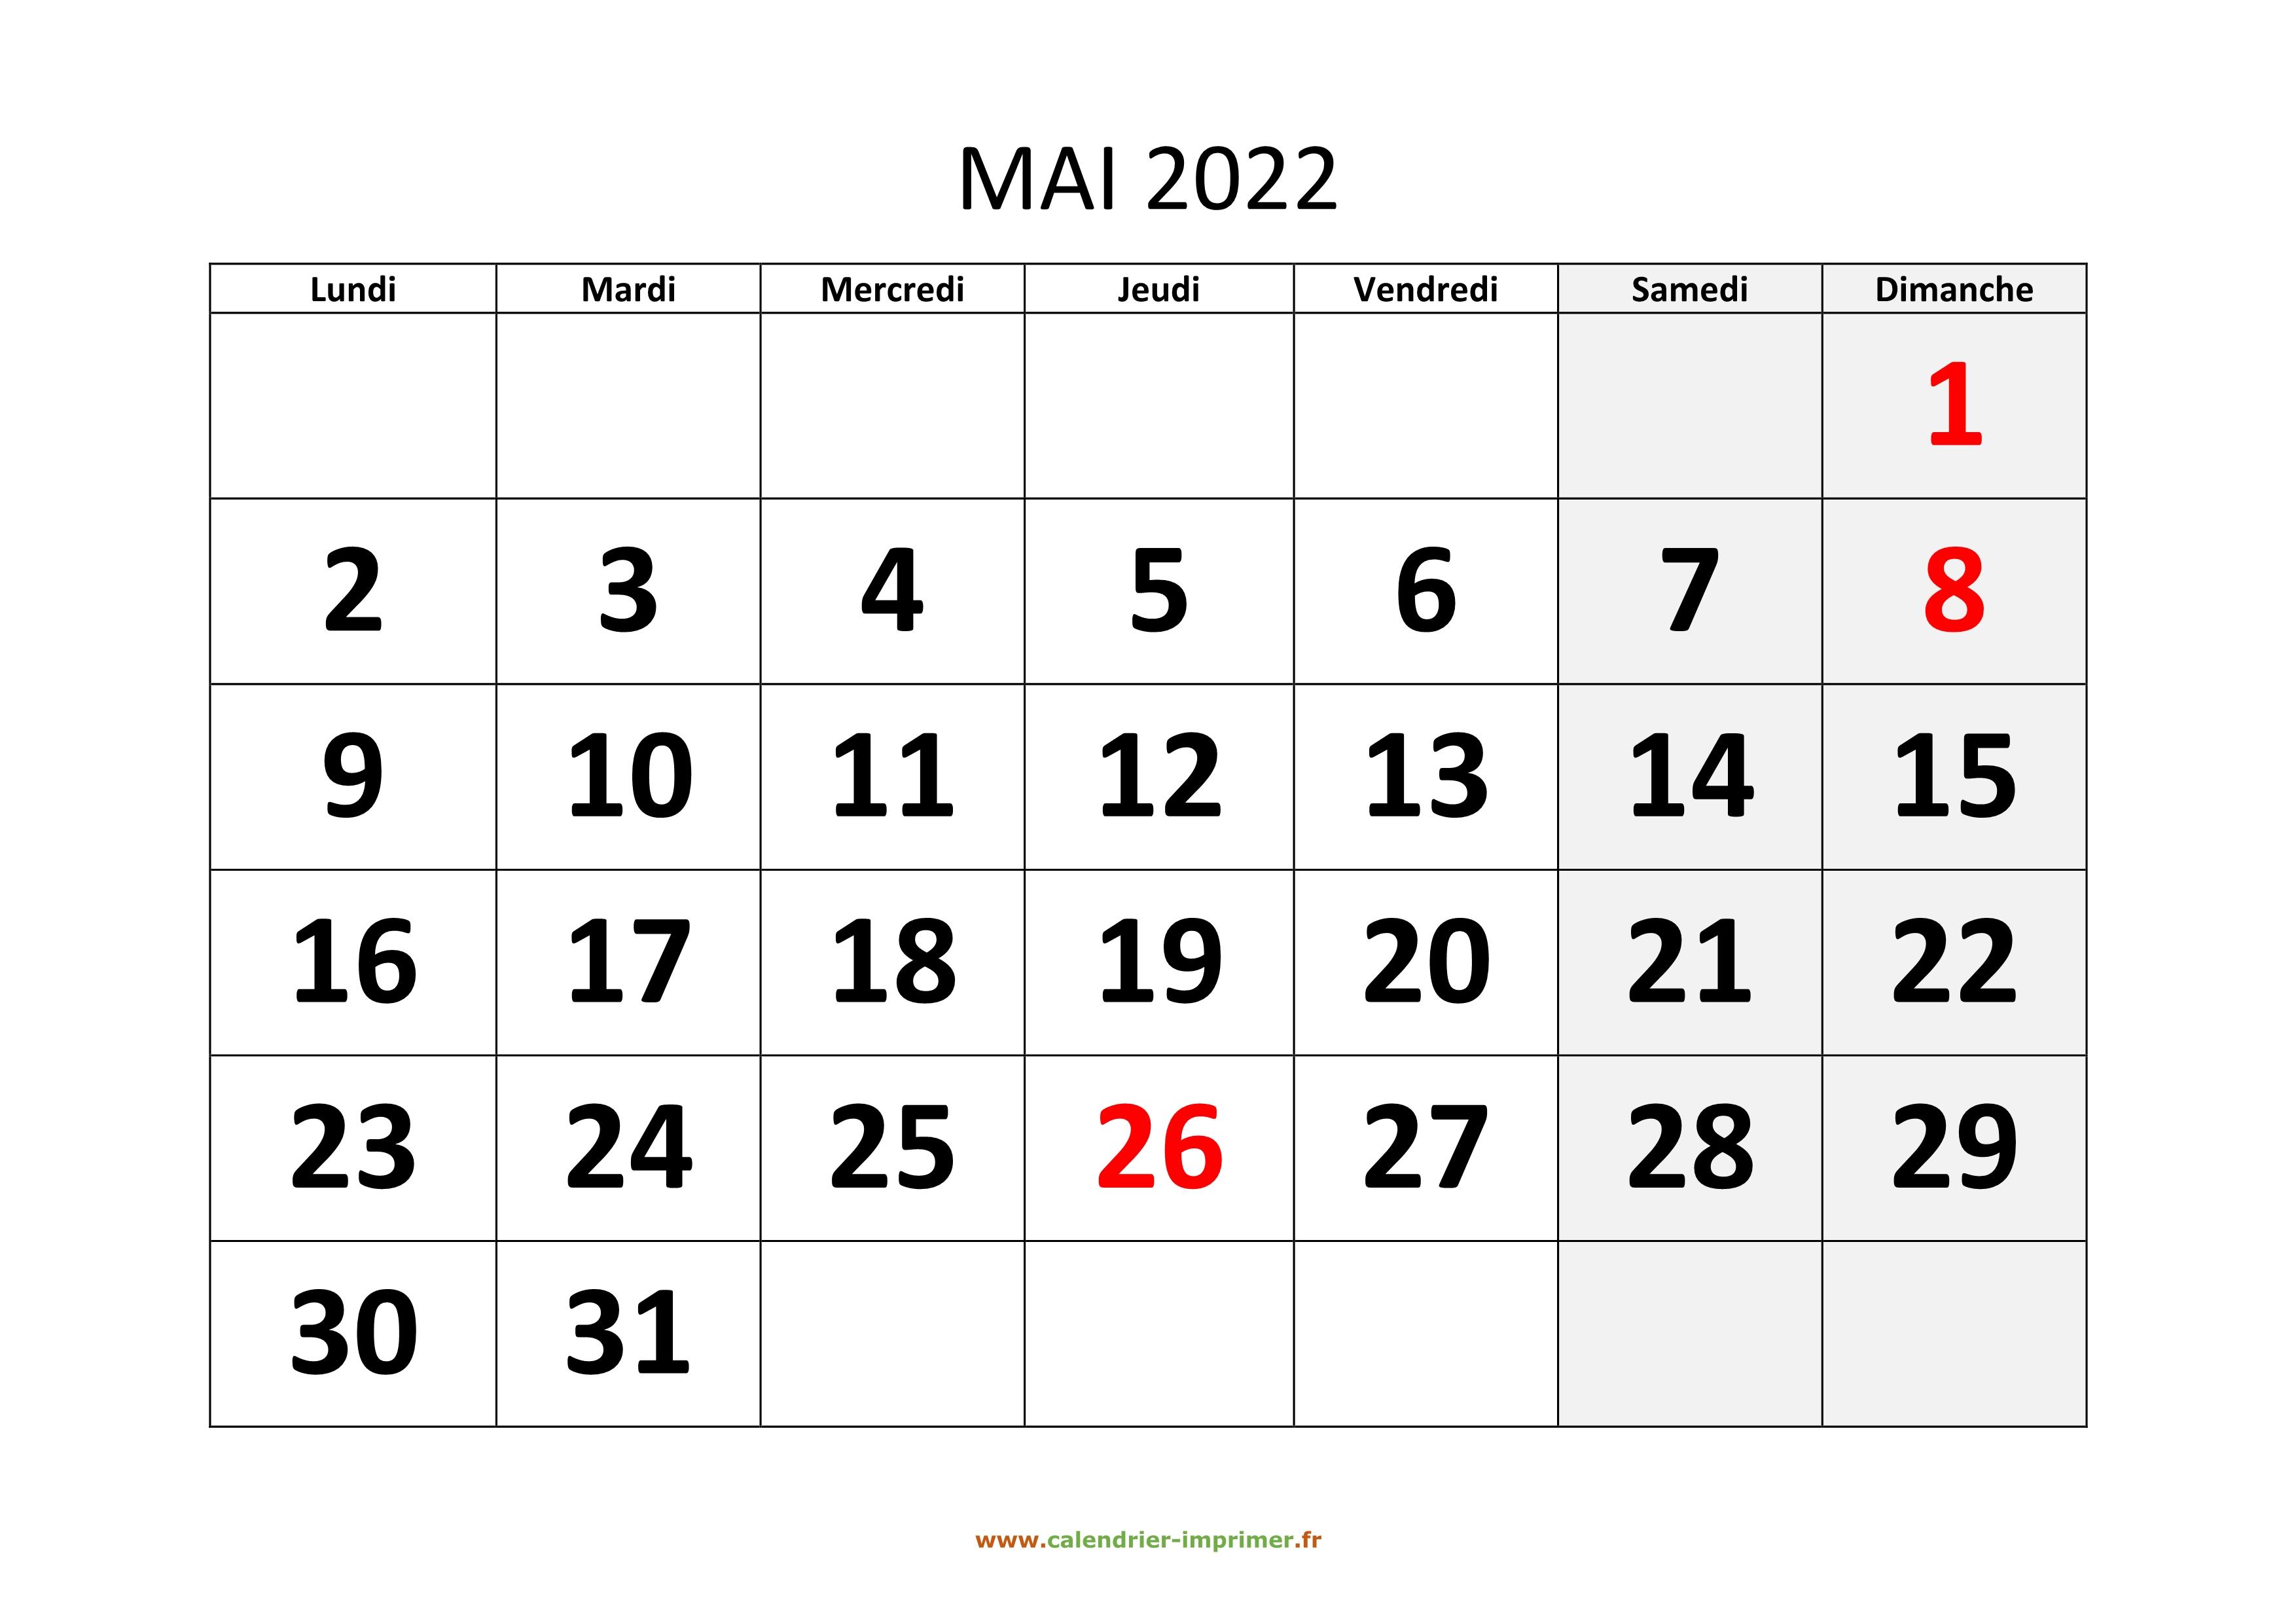 Mai Calendrier 2022 Calendrier Mai 2022 à imprimer